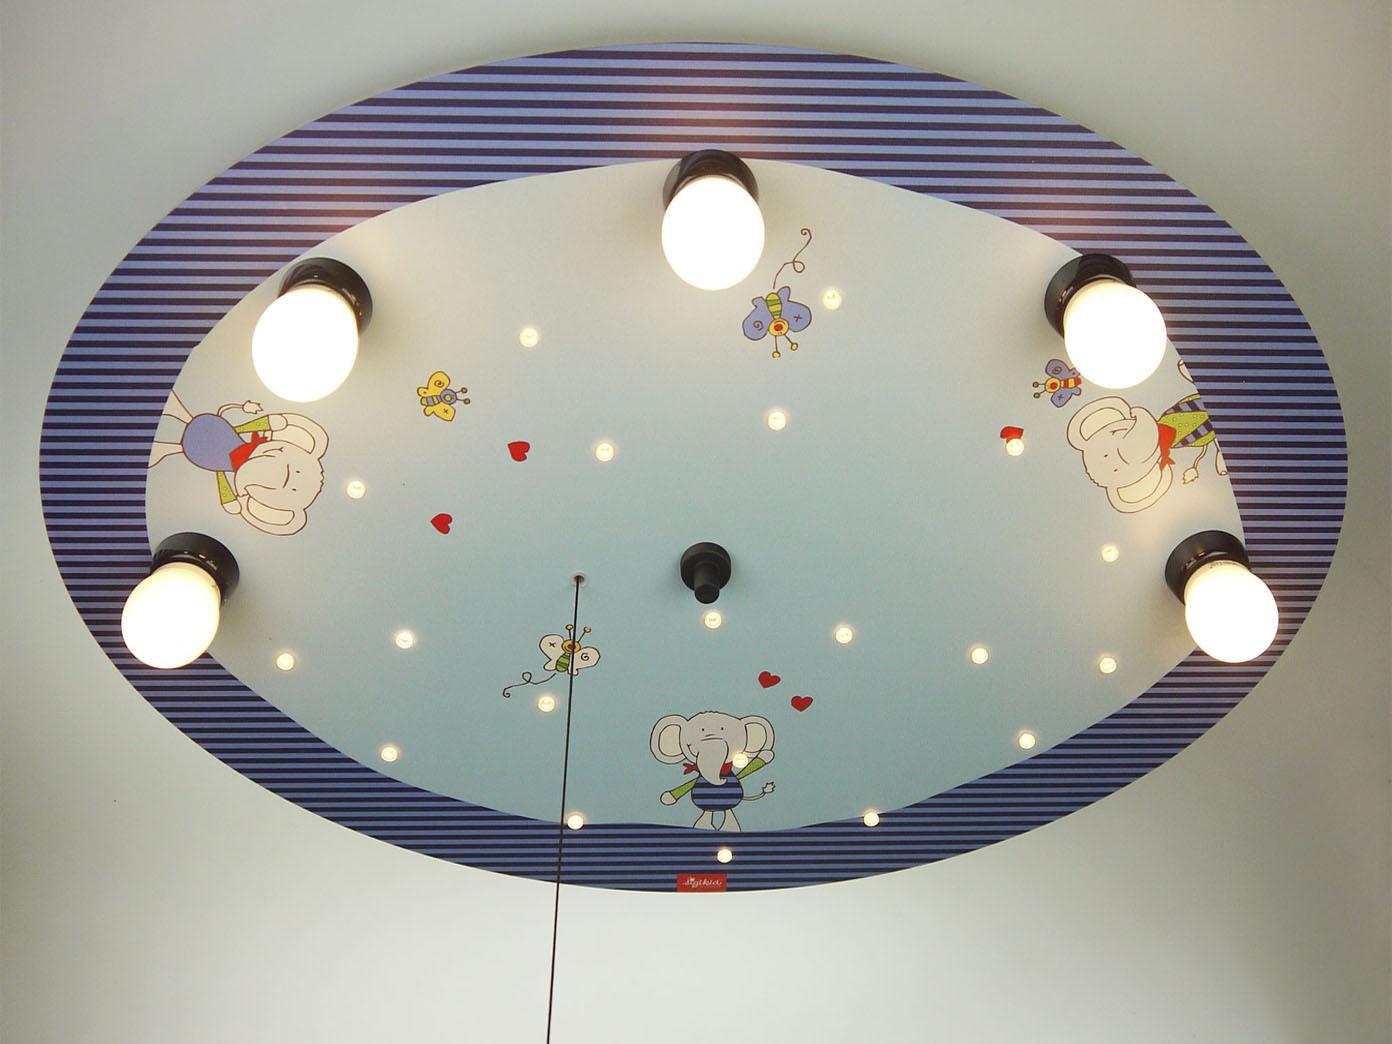 Led Sternenhimmel Mit Zugschalter Fur Schlummerlicht Led Kinder Deckenleuchte